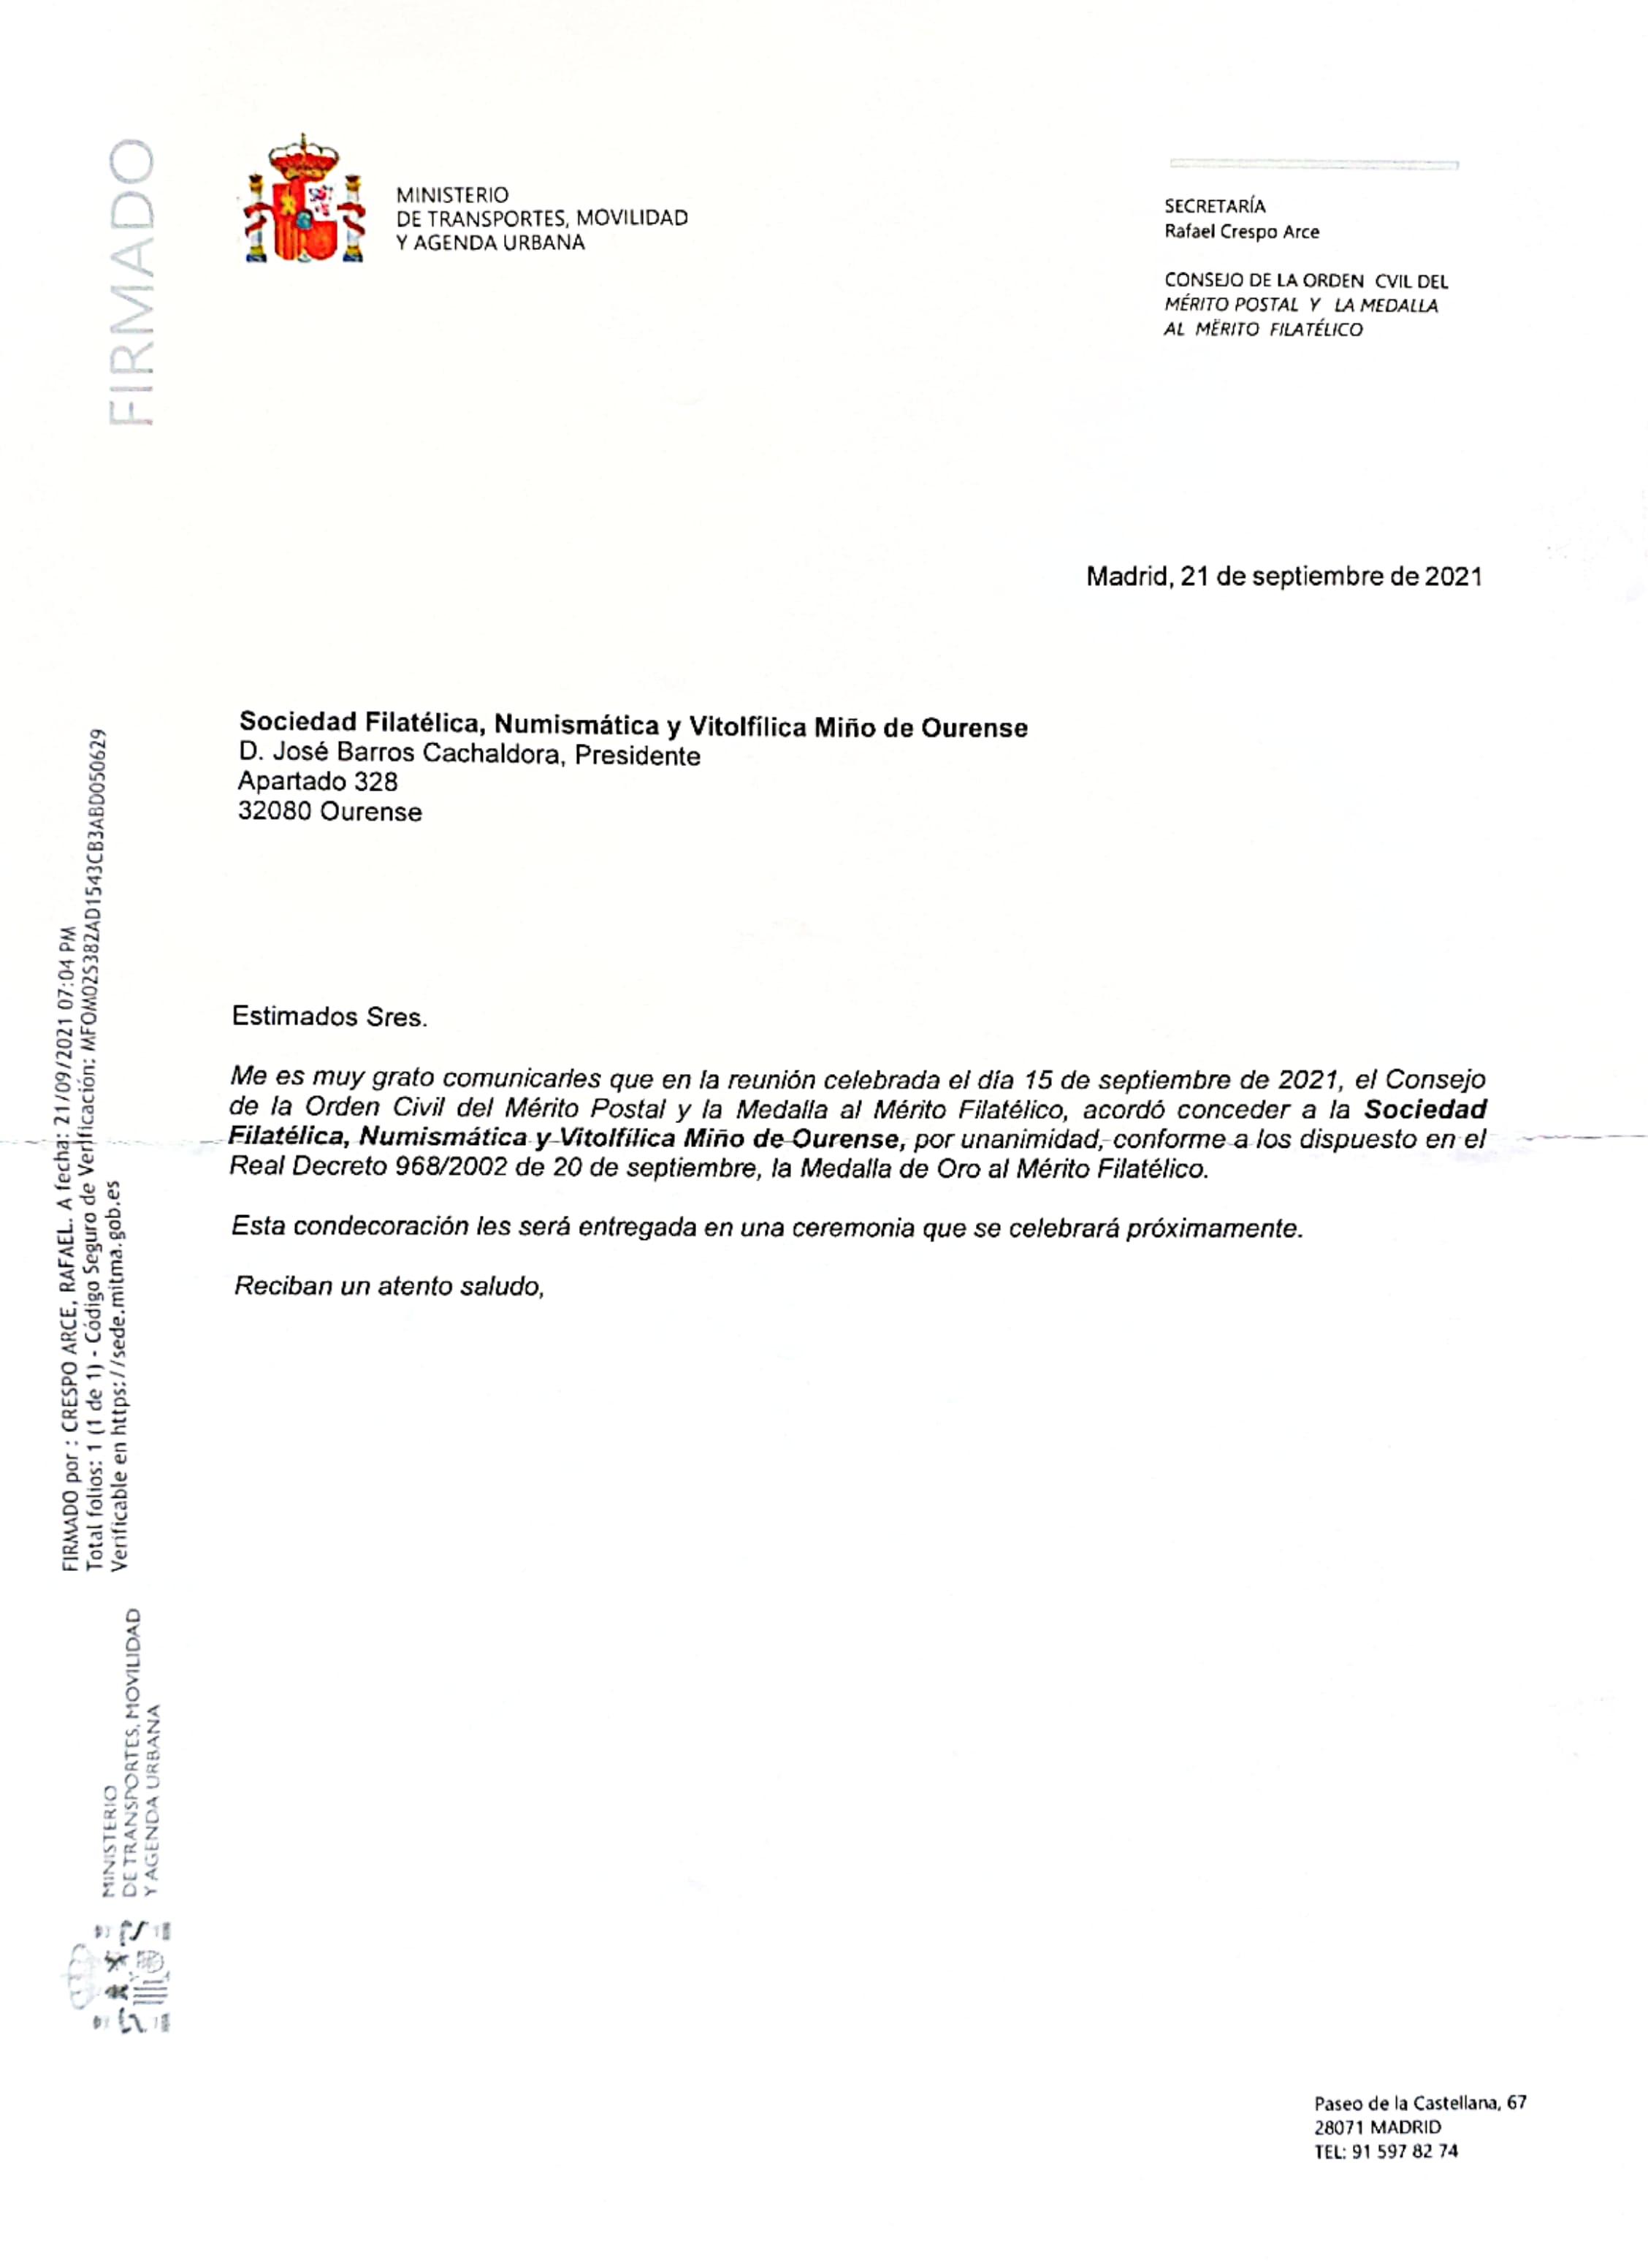 medalla-merito-filatelico-2021-para-la-mino